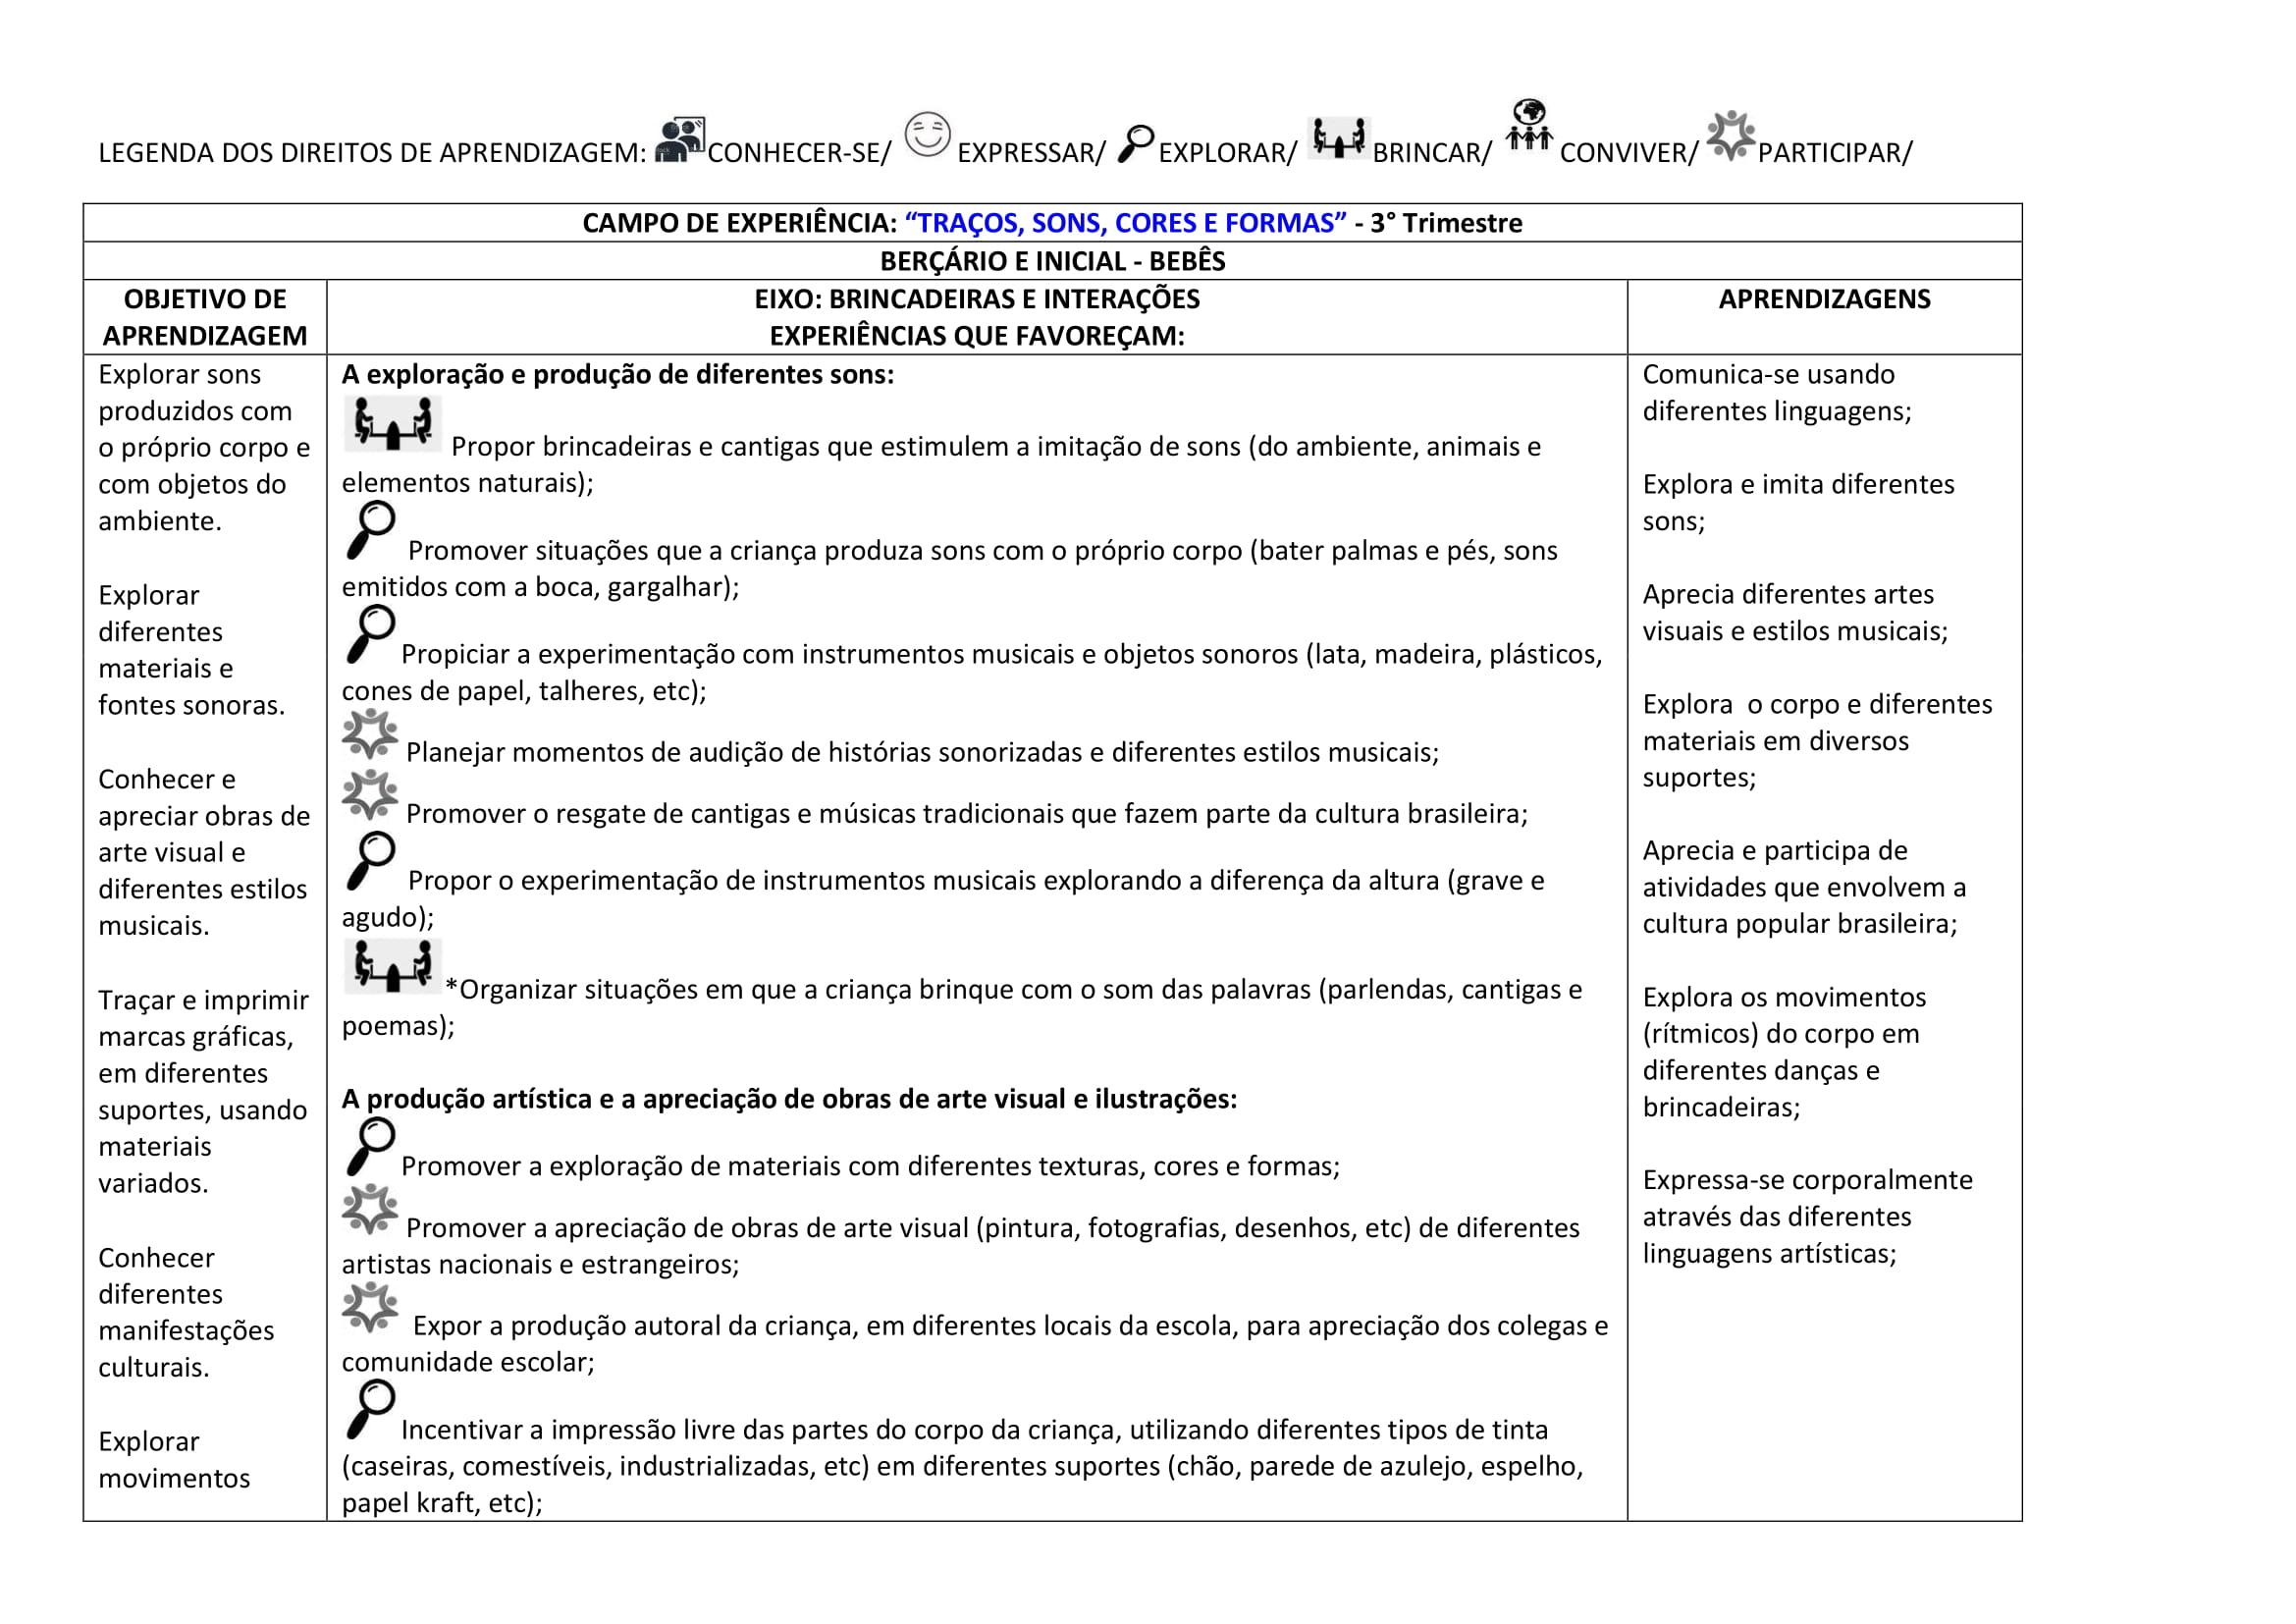 Berçário-e-Inicial-29